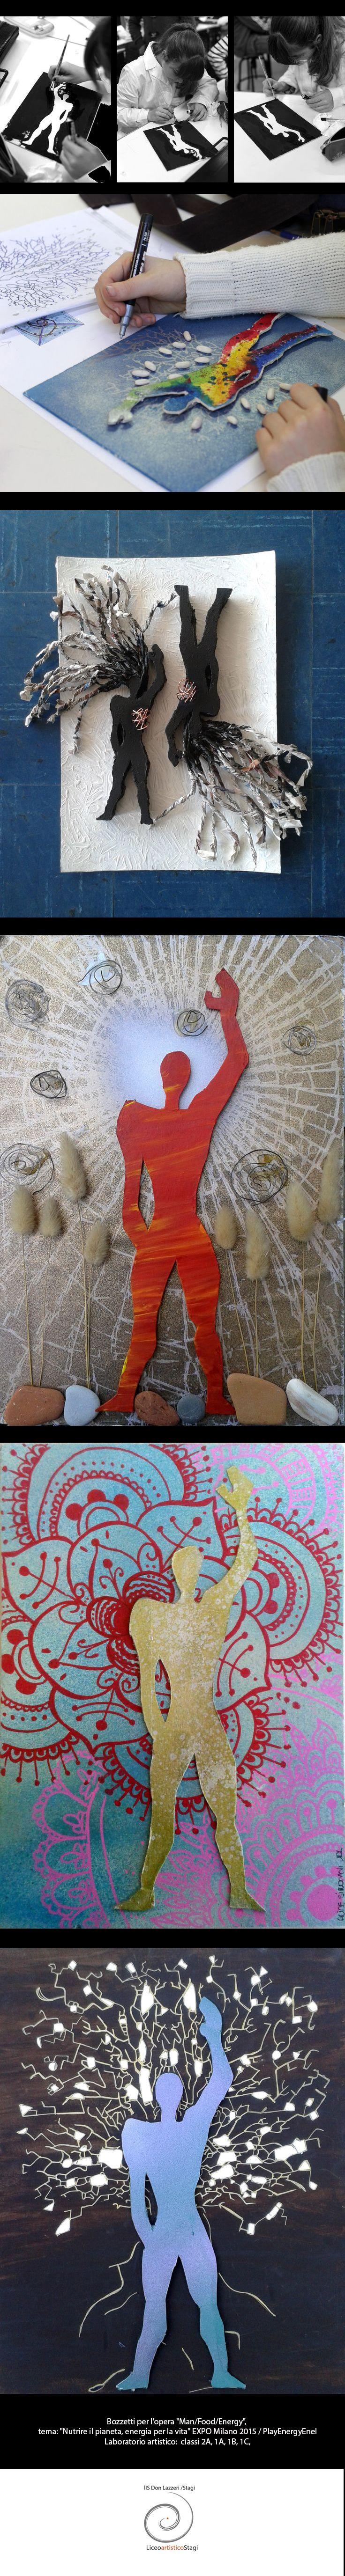 """Bozzetti per l'opera """"Man/Food/Energy"""", tema: """"Nutrire il pianeta, energia per la vita"""" EXPO Milano 2015 / PlayEnergyEnel. Laboratorio artistico: elaborati ideati e realizzati dagli allievi delle classi 2A, 1A, 1B, 1C del Liceo artistico """"Stagio Stagi"""" di Pietrasanta."""